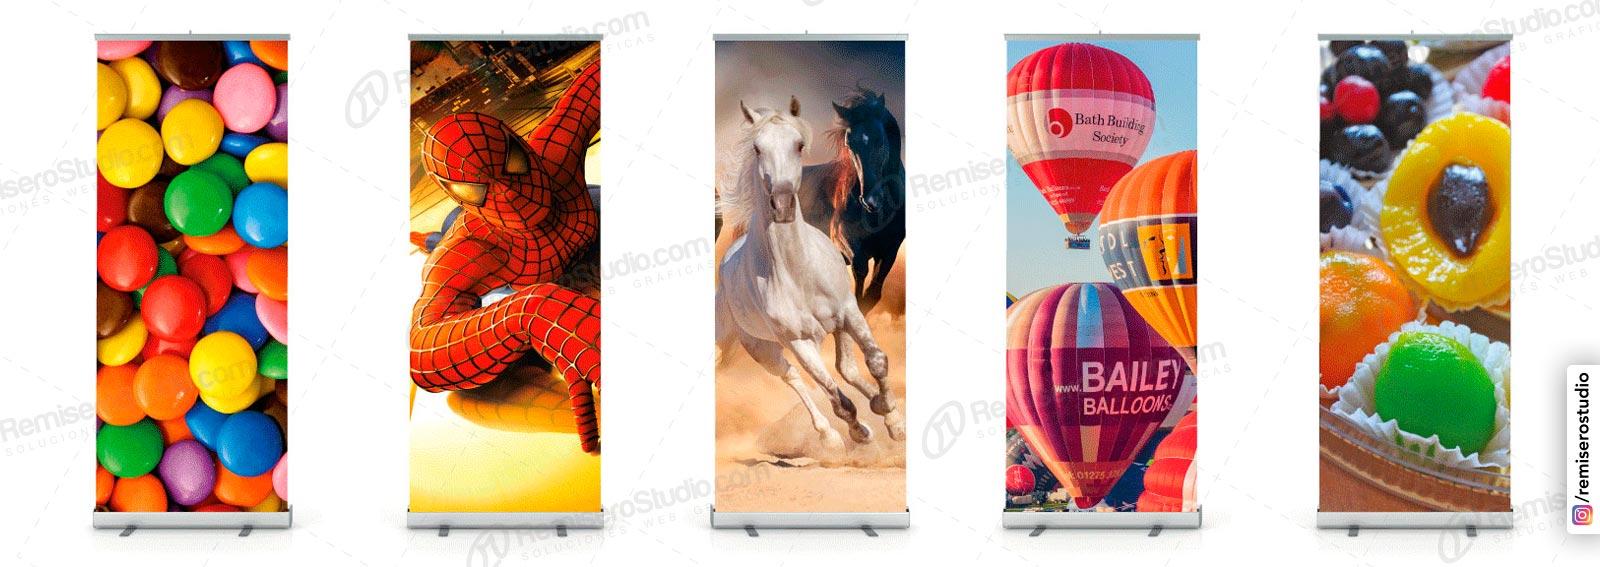 Roll Up banner o Roll Screen de 1 x 2 metros: Parante publicitario de aluminio para banner impreso a full color en alta resolución: 1440 dpi, incluye maletín